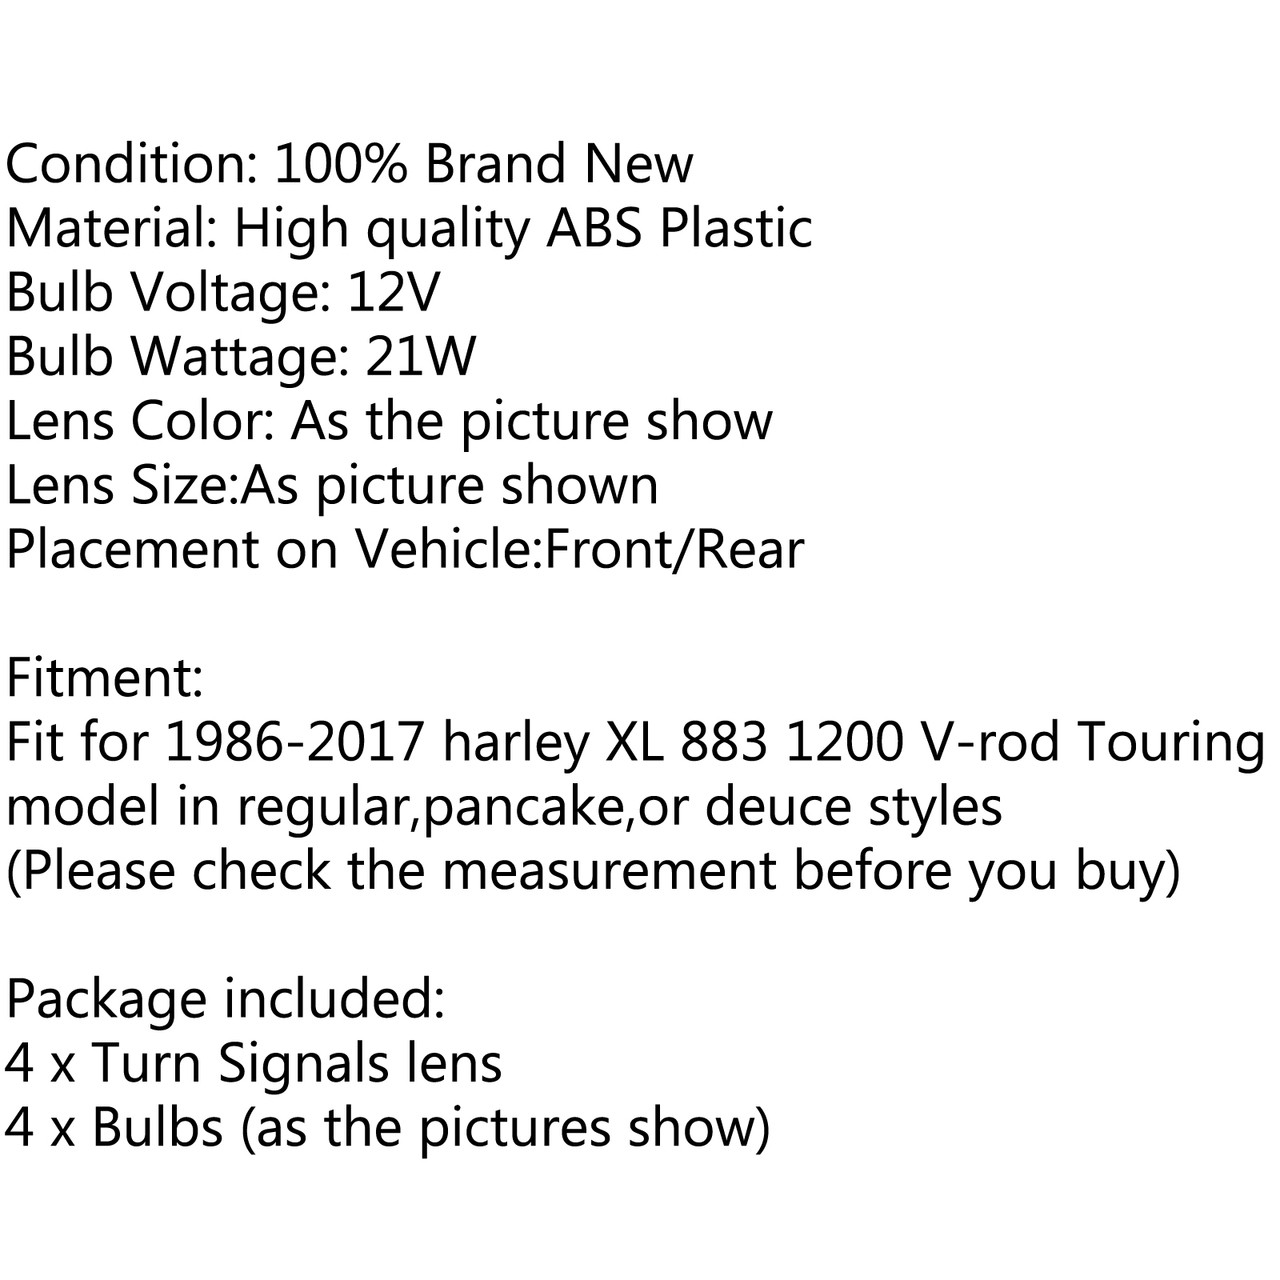 4PCs Turn Signal Light Lens Cover + Bulbs For Harley XL 883 48 Sportster, Gunmetal